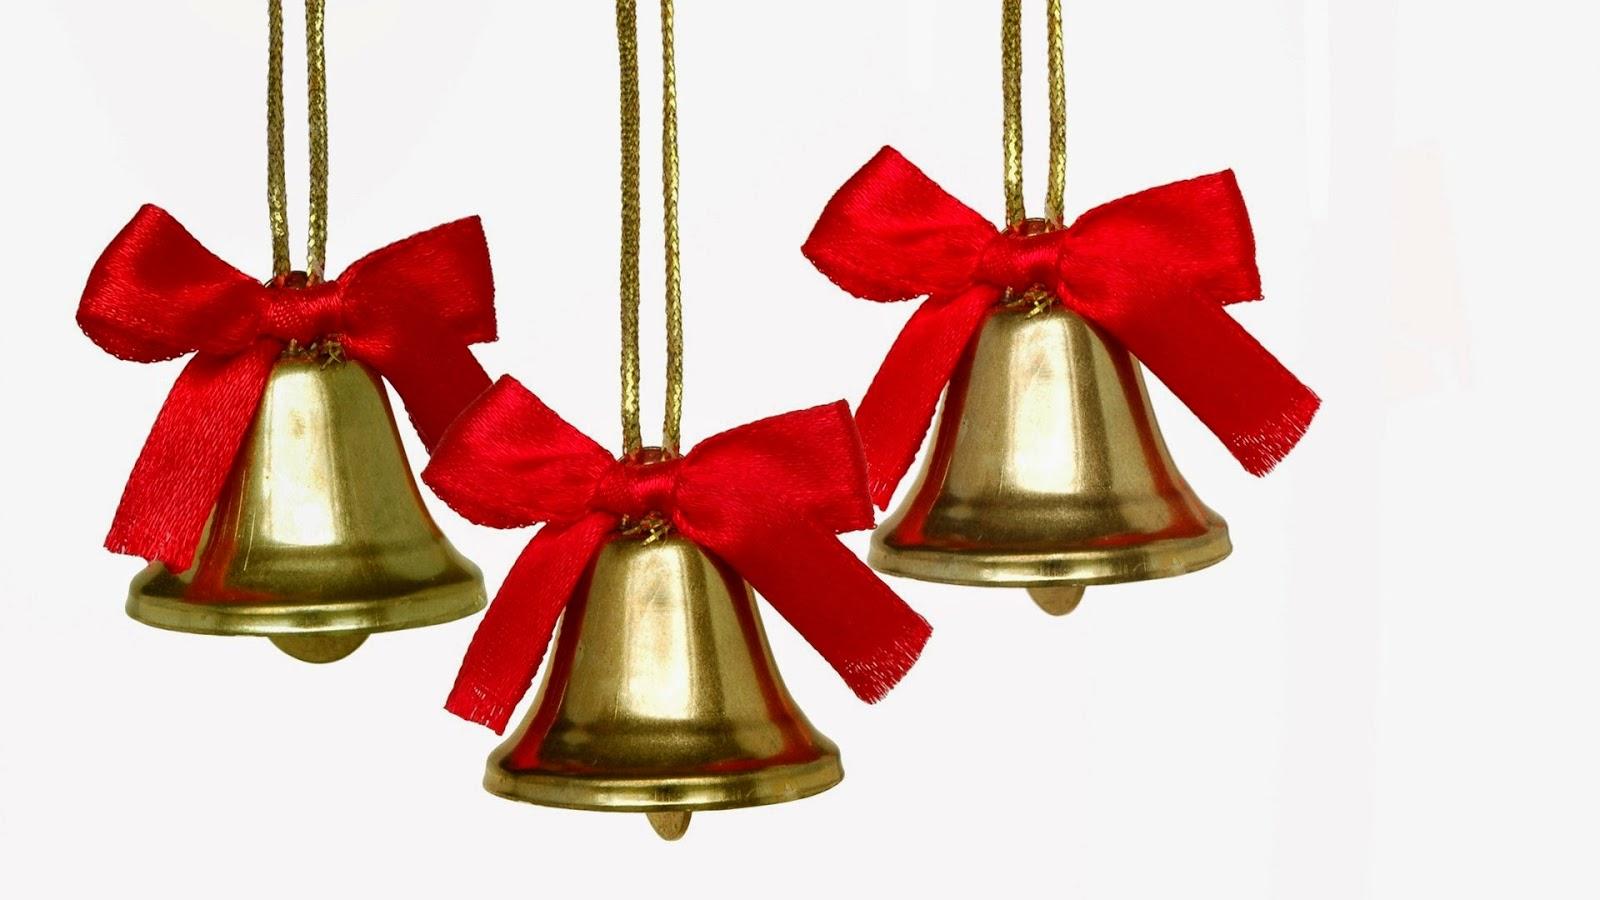 Golden_Christmas-bell-red-ribbon-white-background-Wallpaper_1920x1080.jpg